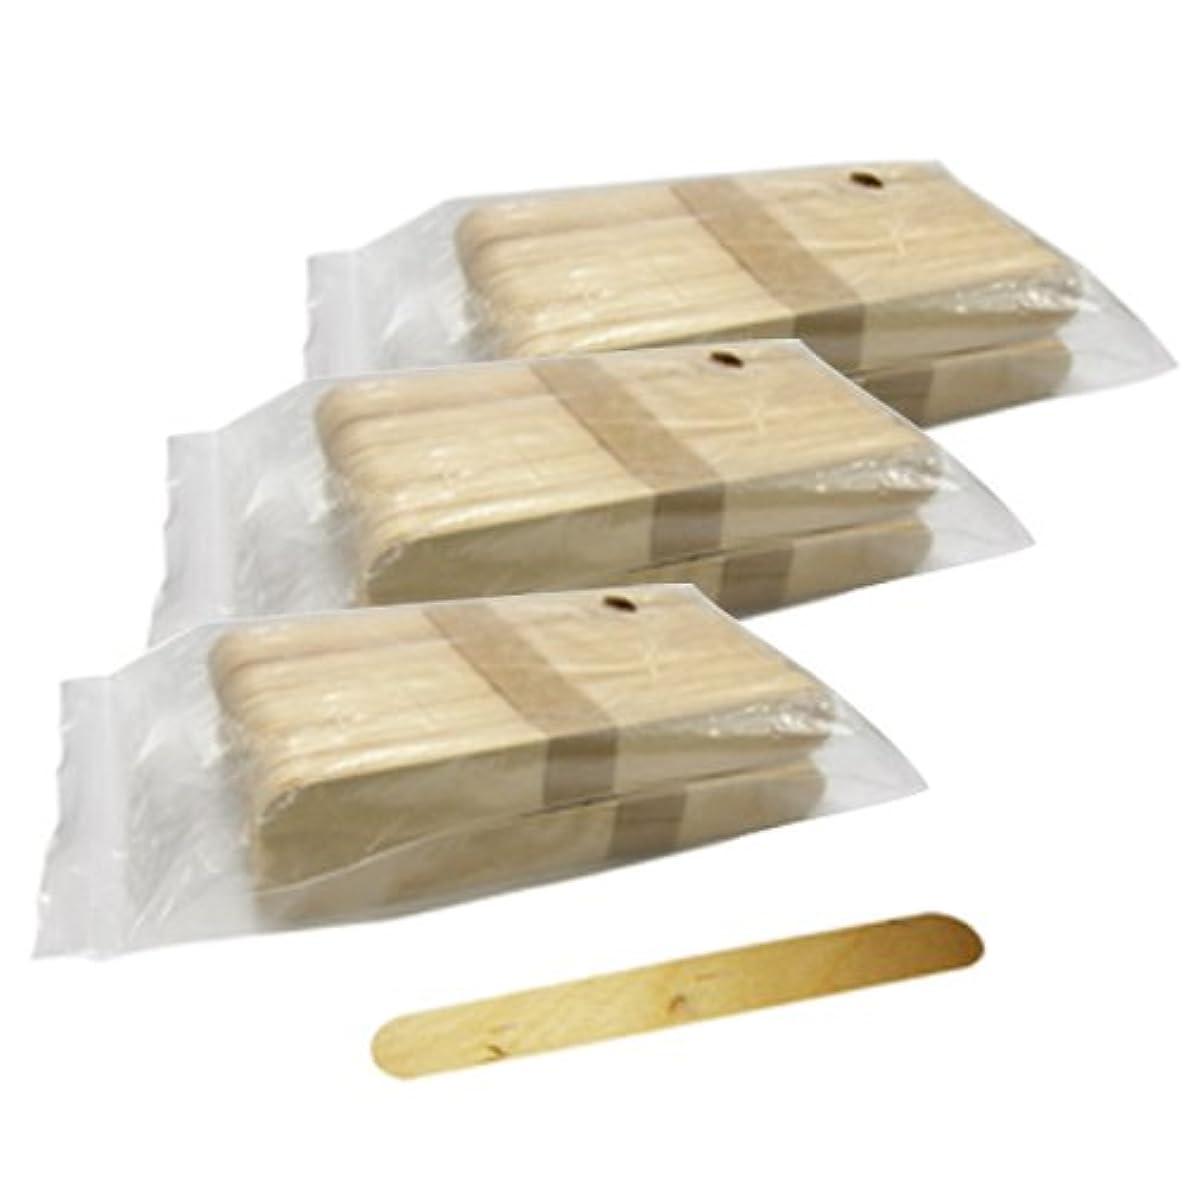 インタフェース愛情深い皿使い捨て【木ベラ/ウッドスパチュラ】(業務用100枚入り) × 3袋セット(計300枚)/WAX脱毛等や舌厚子にも …